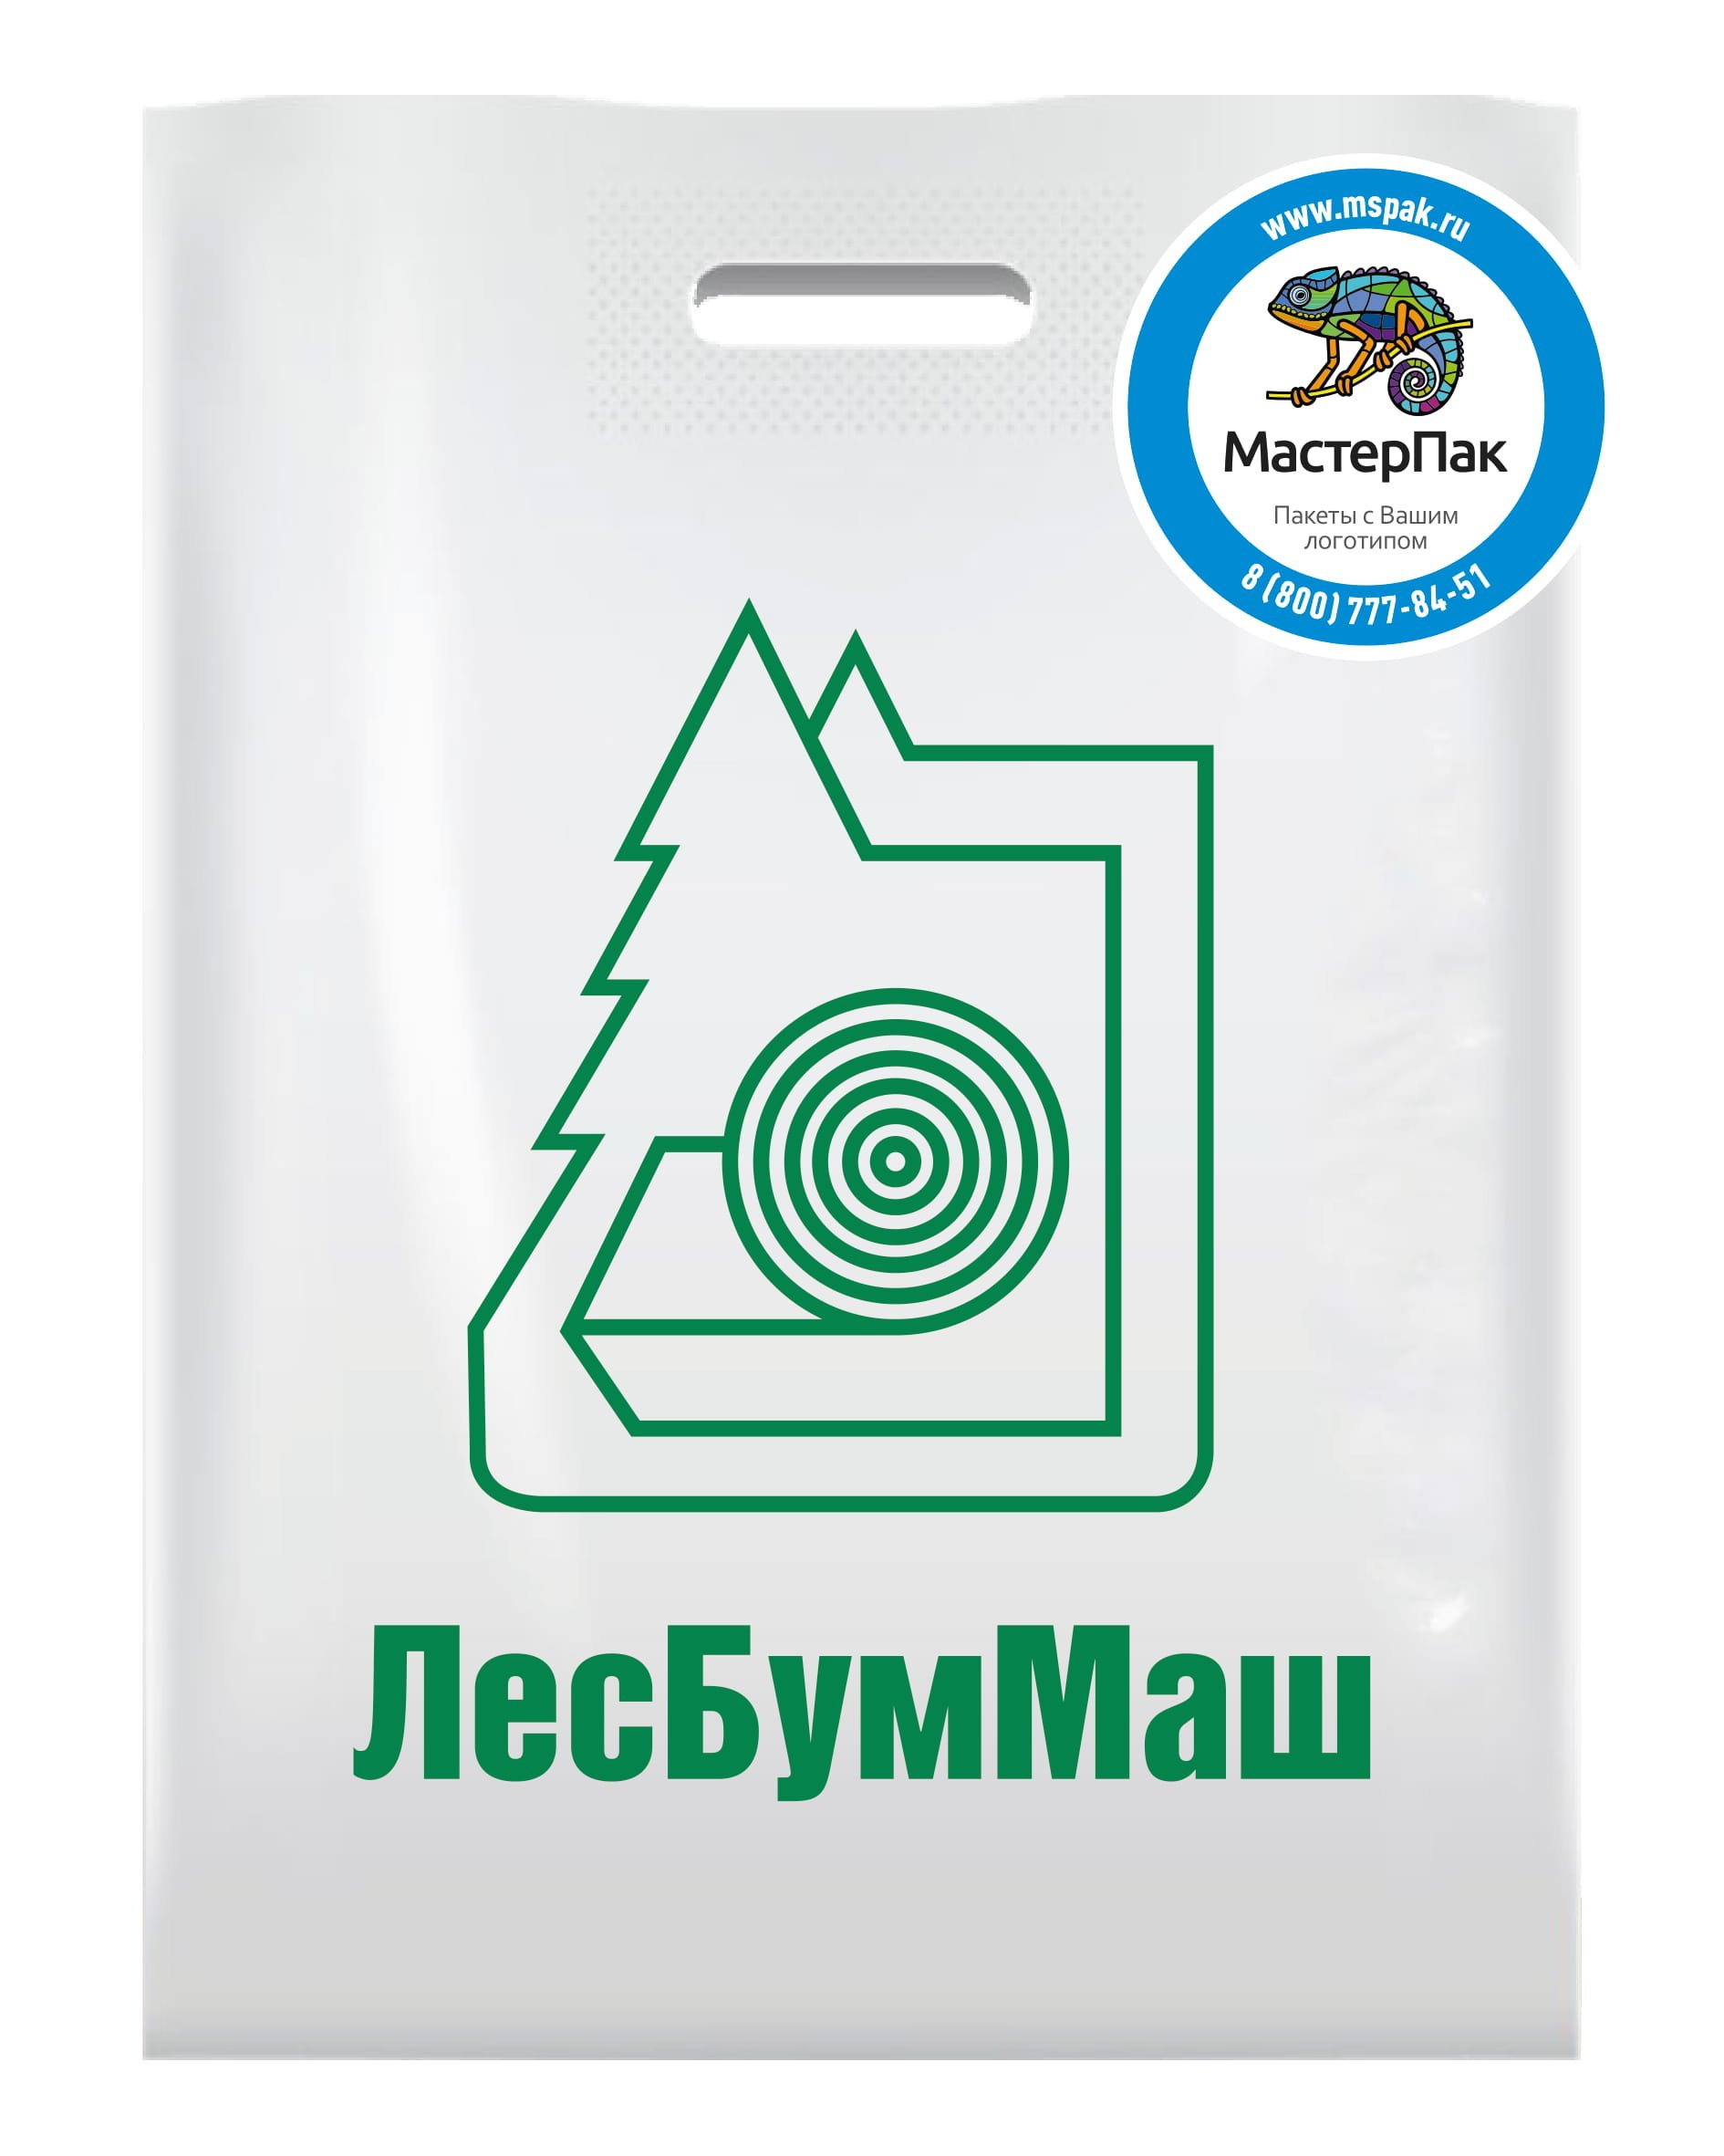 Пакет ПВД с логотипом завода ЛесБумМаш, 70 мкм, белый